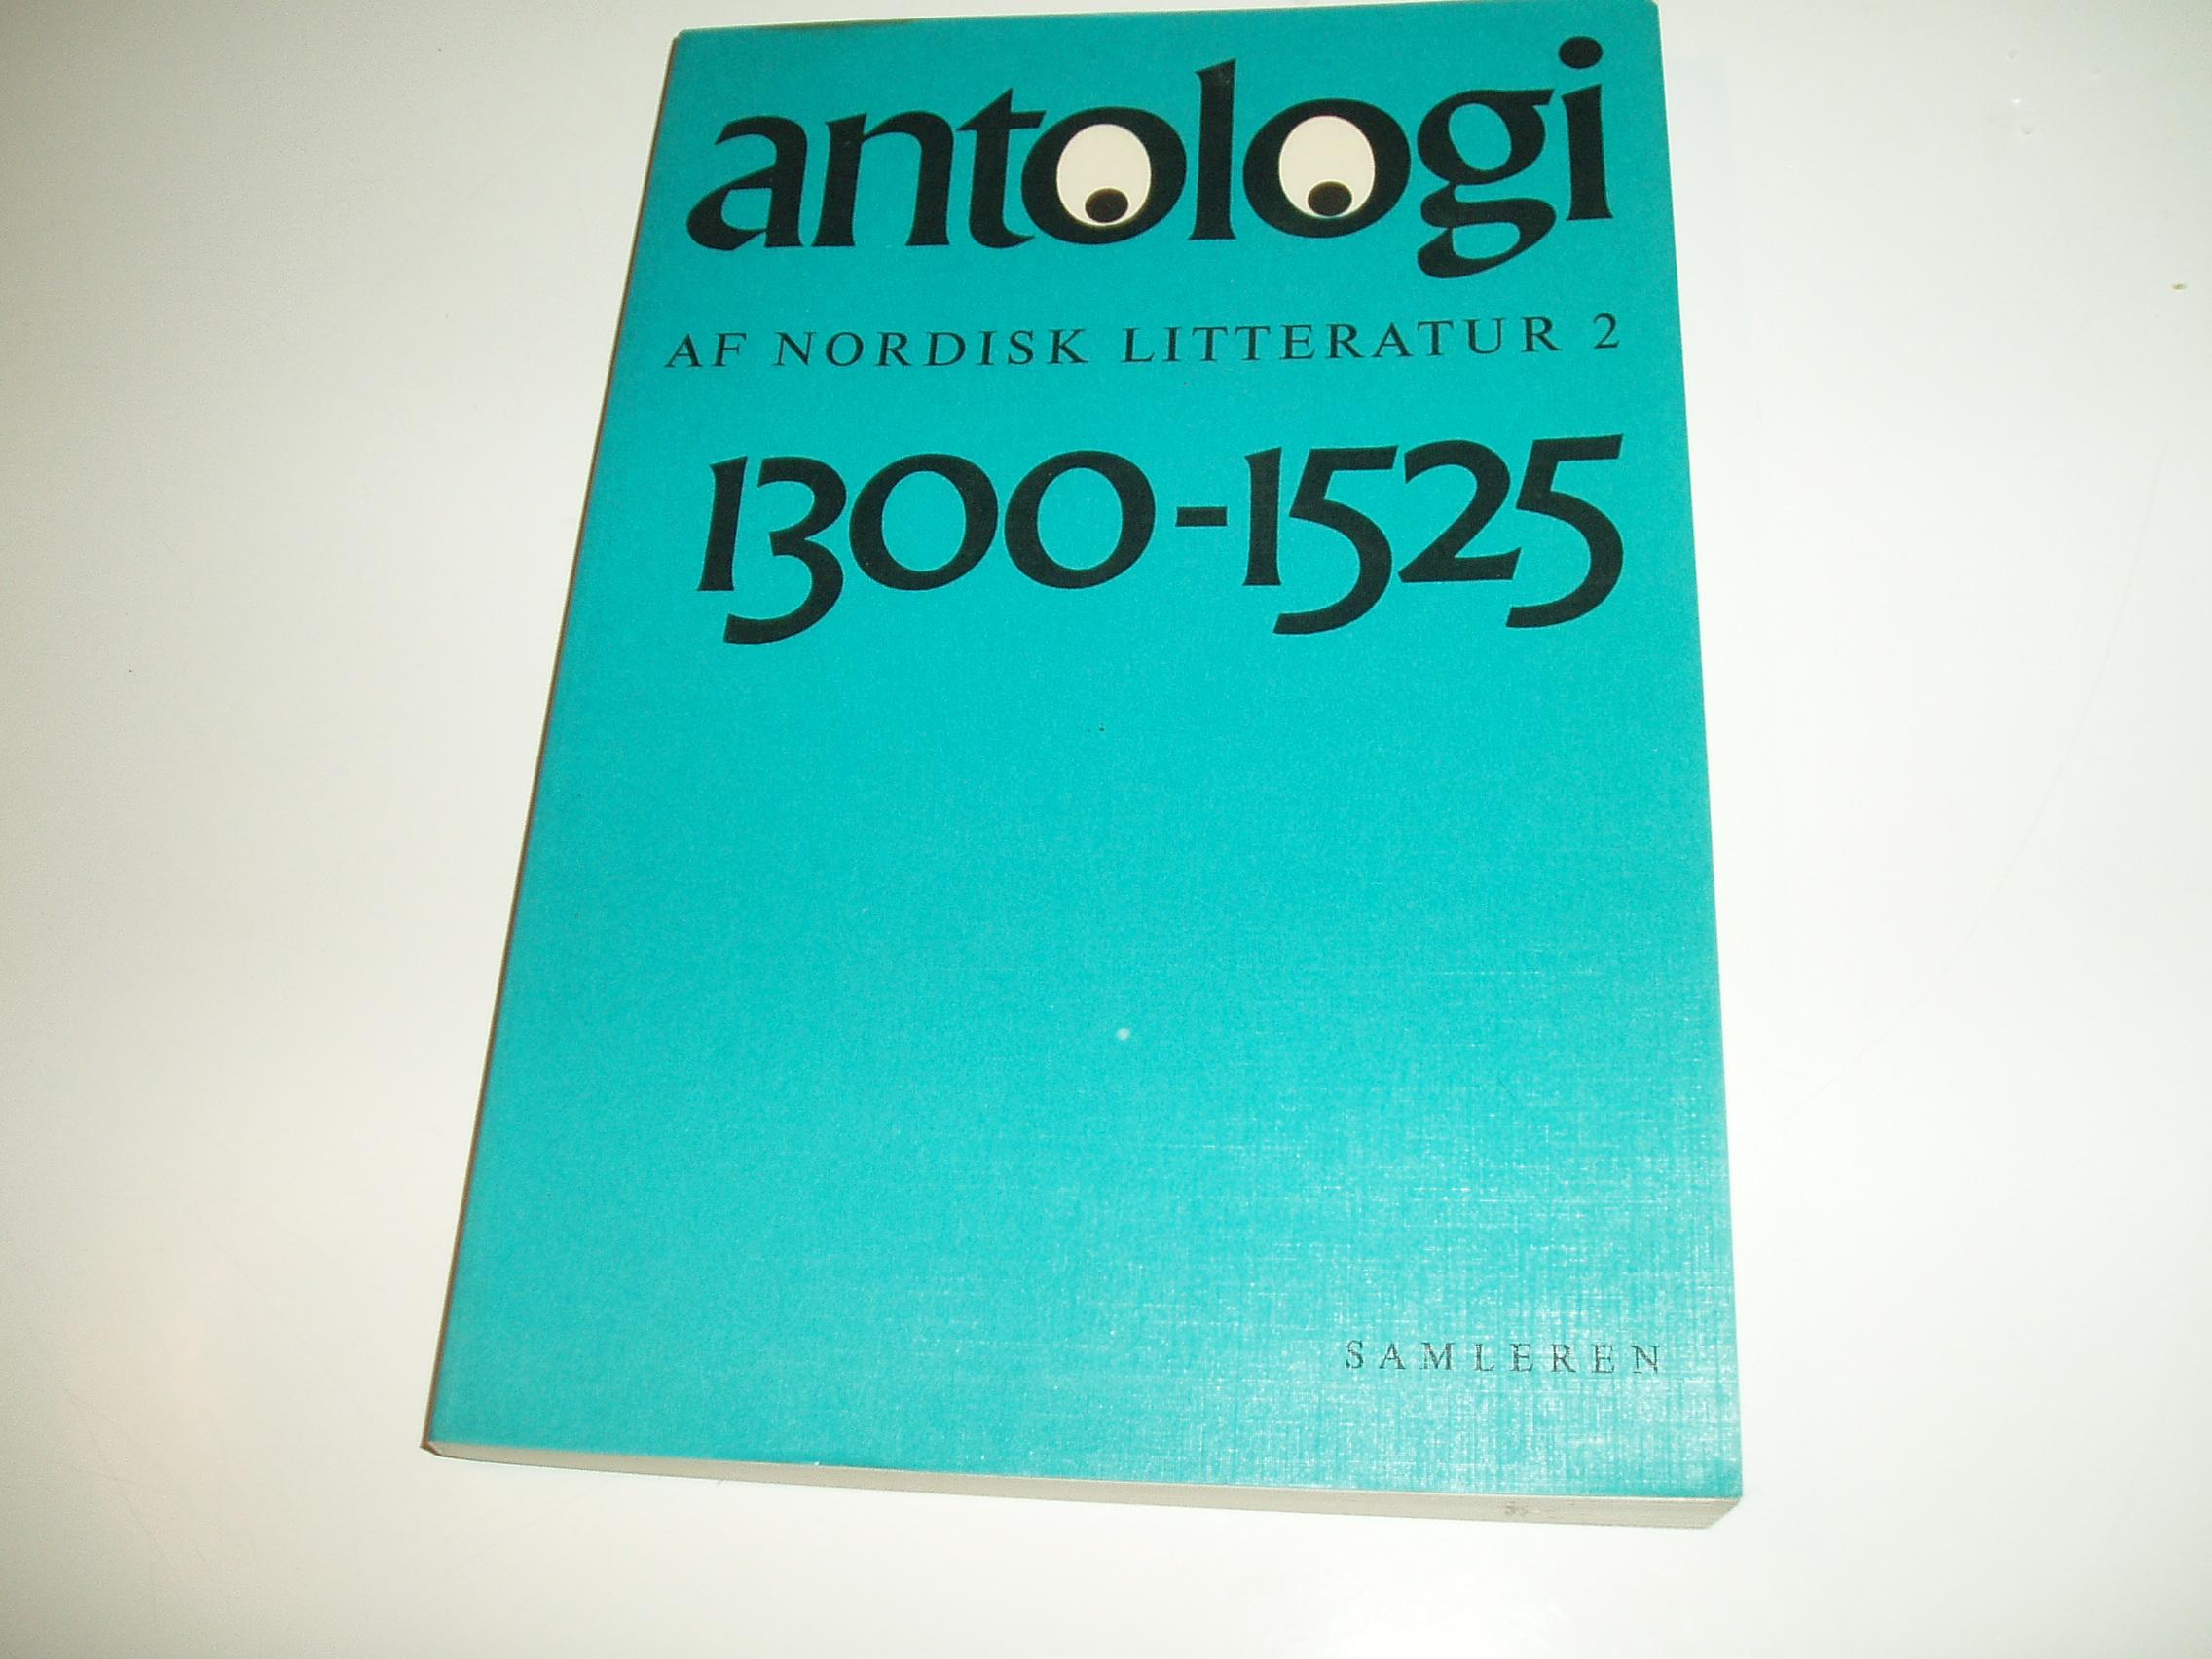 Antologi af nordisk litteratur, bind 2. Perioden1300-1525